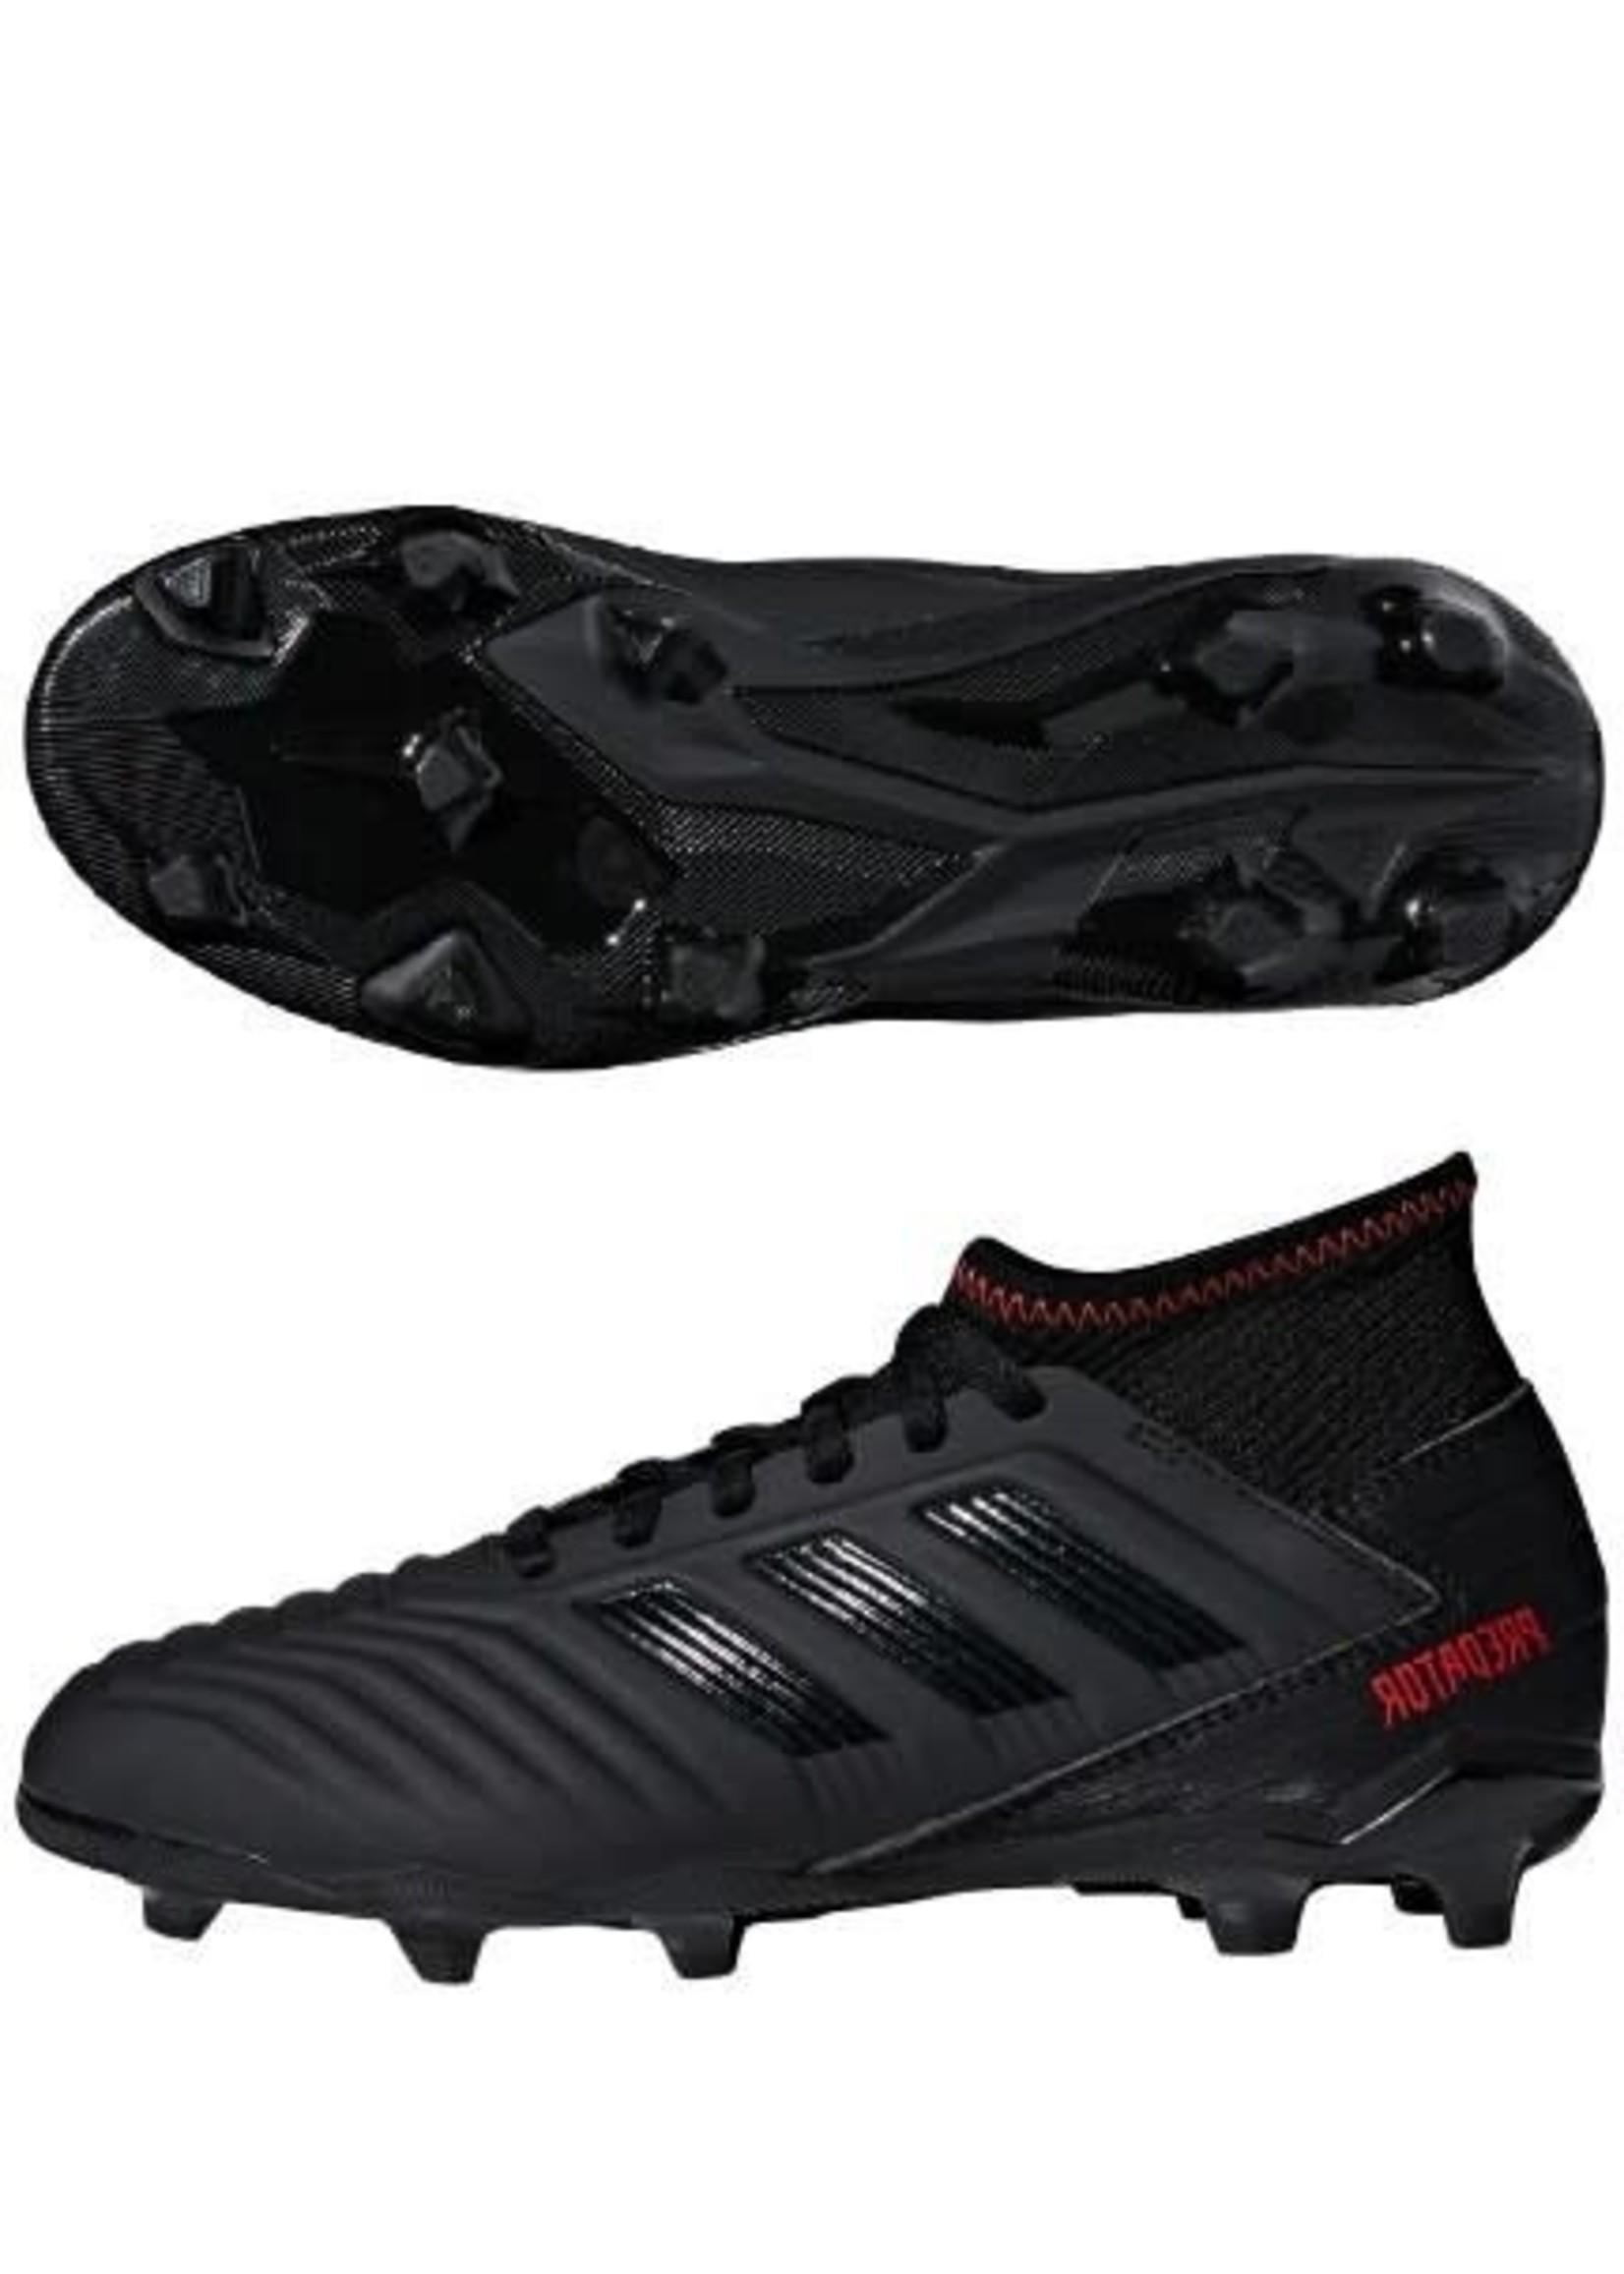 Adidas PREDATOR 19.3 FG JR